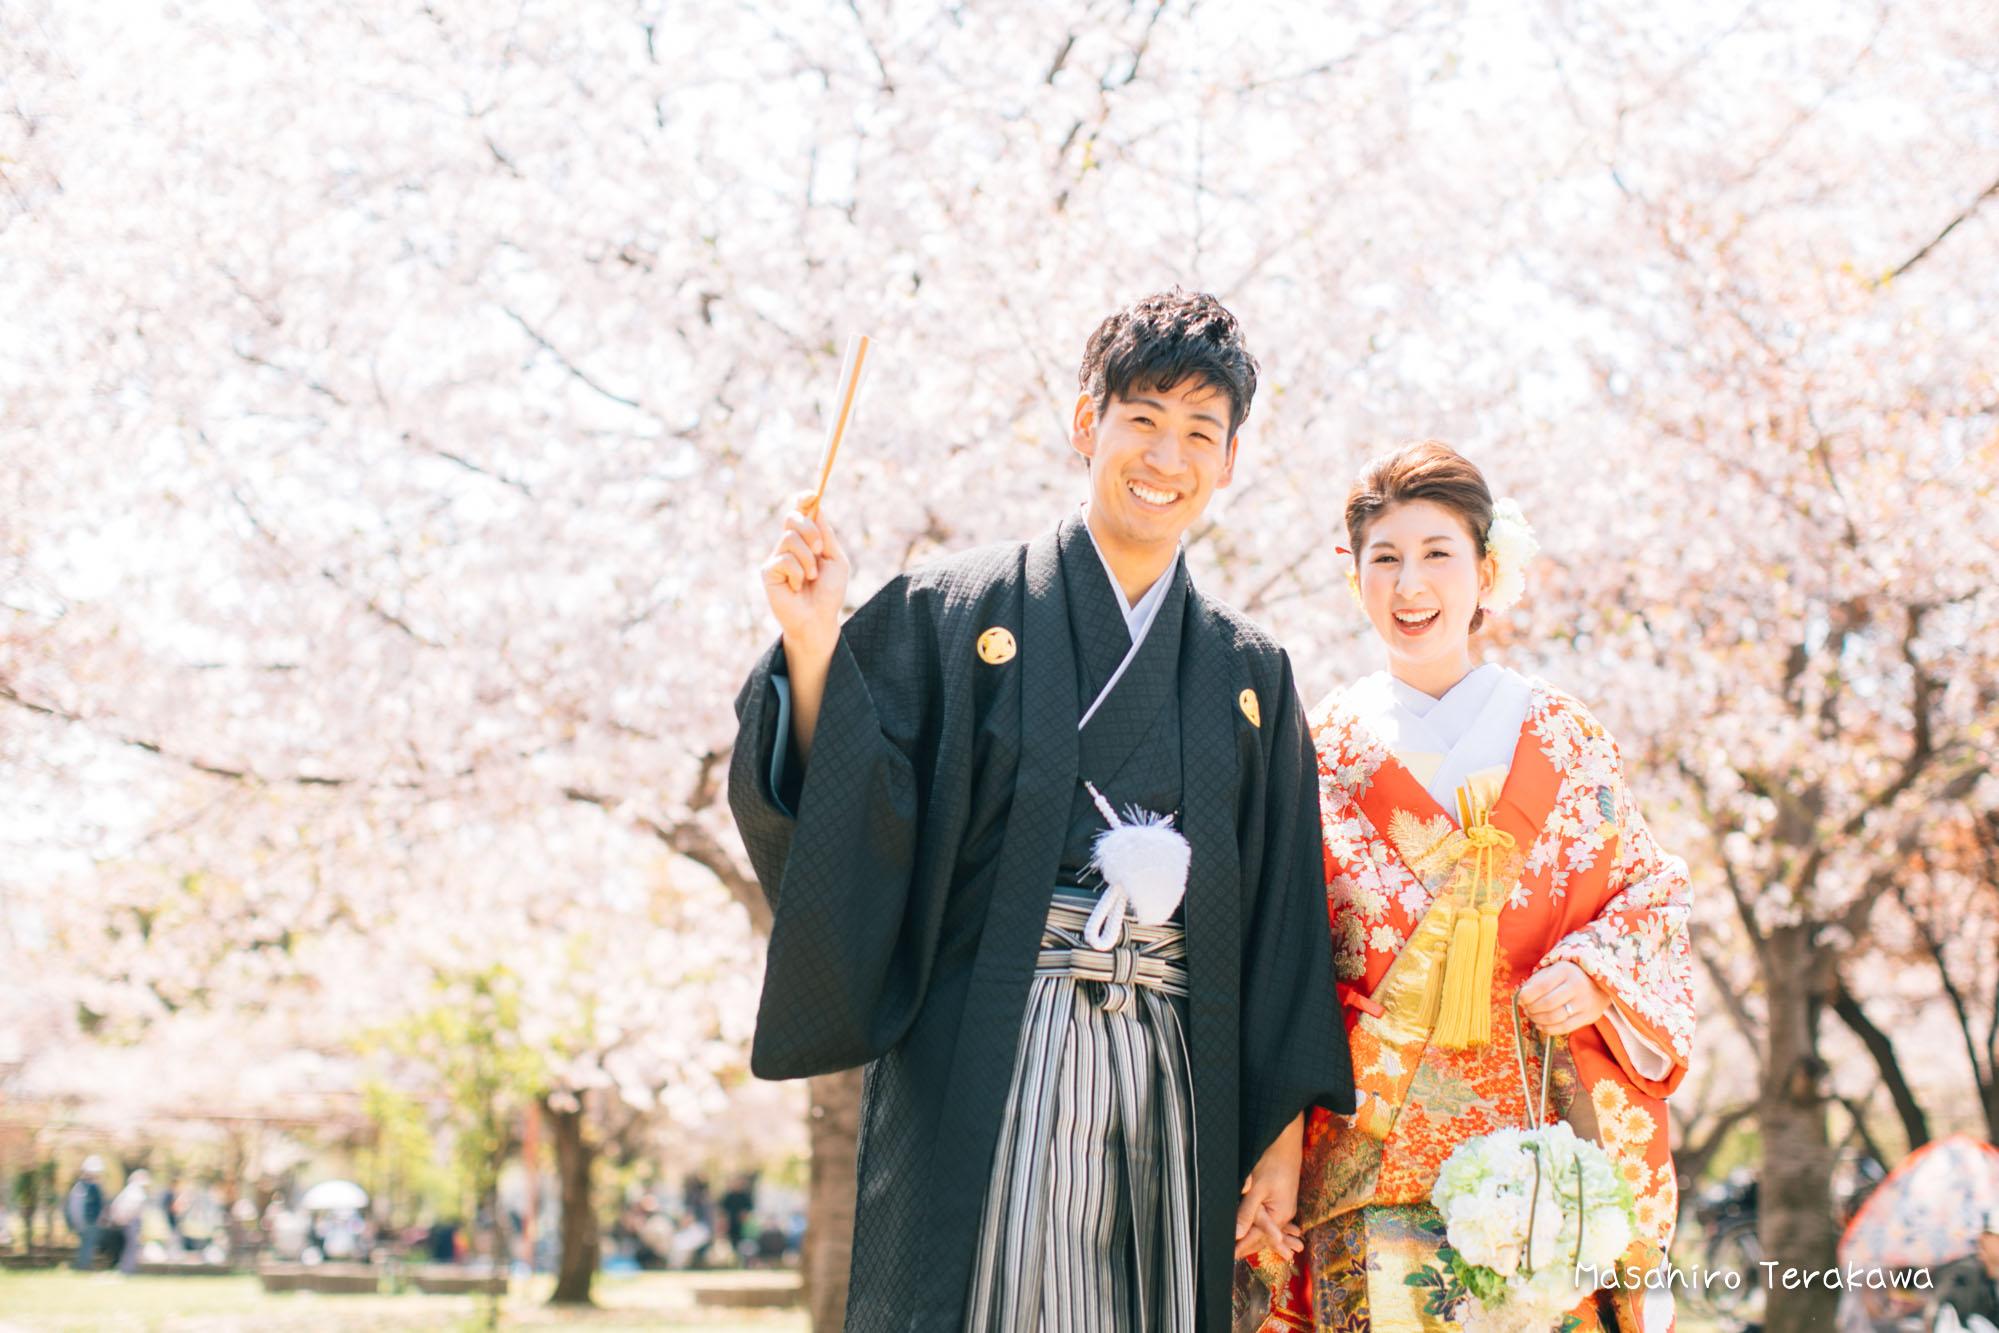 【大阪】鶴見緑地公園で結婚式の和装・洋装前撮り1